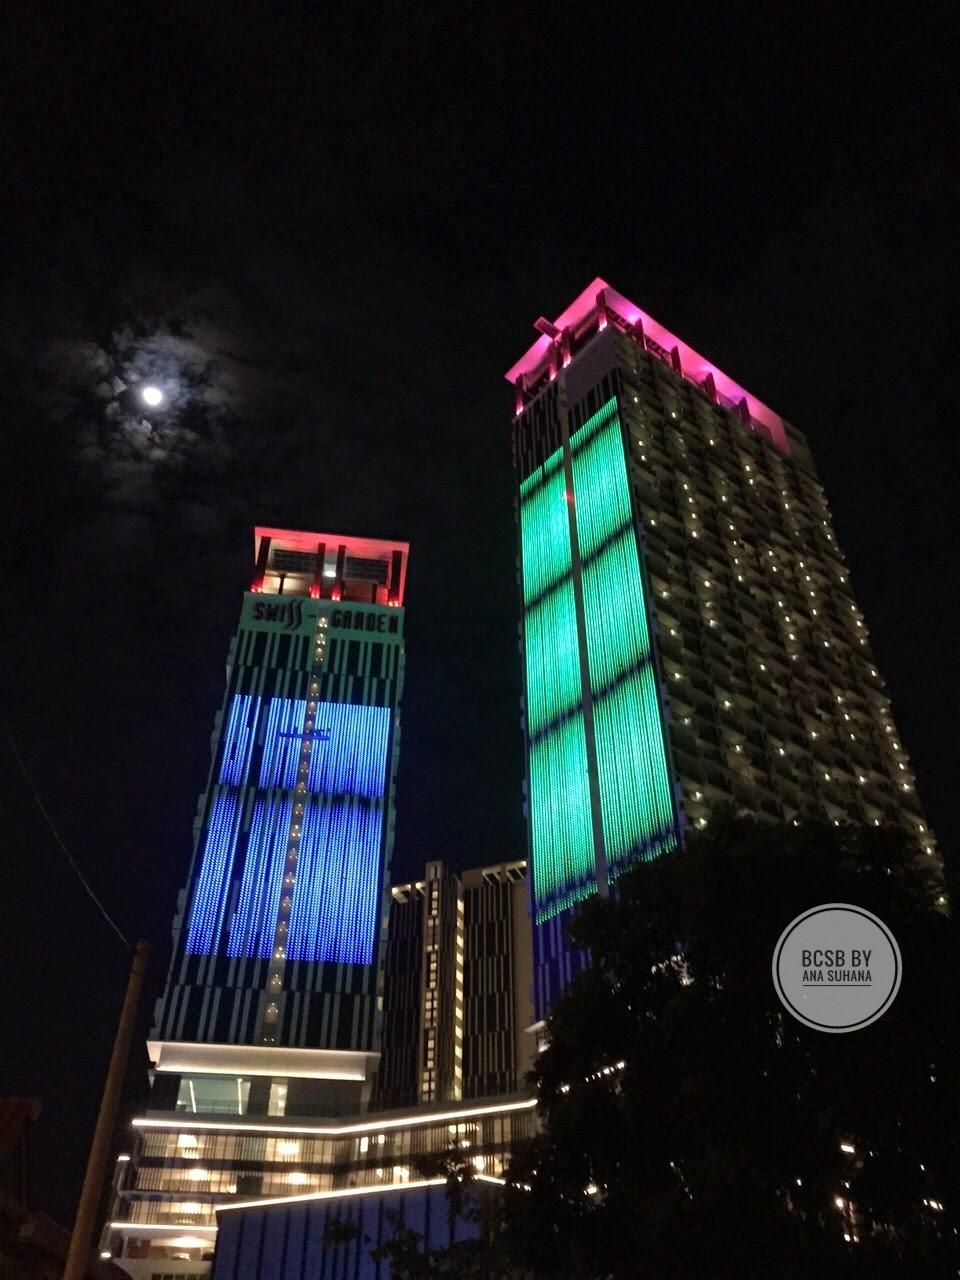 Tempat Menarik di Melaka : Swiss Garden Hotel and Residence  dan Muzium Kapal Selam